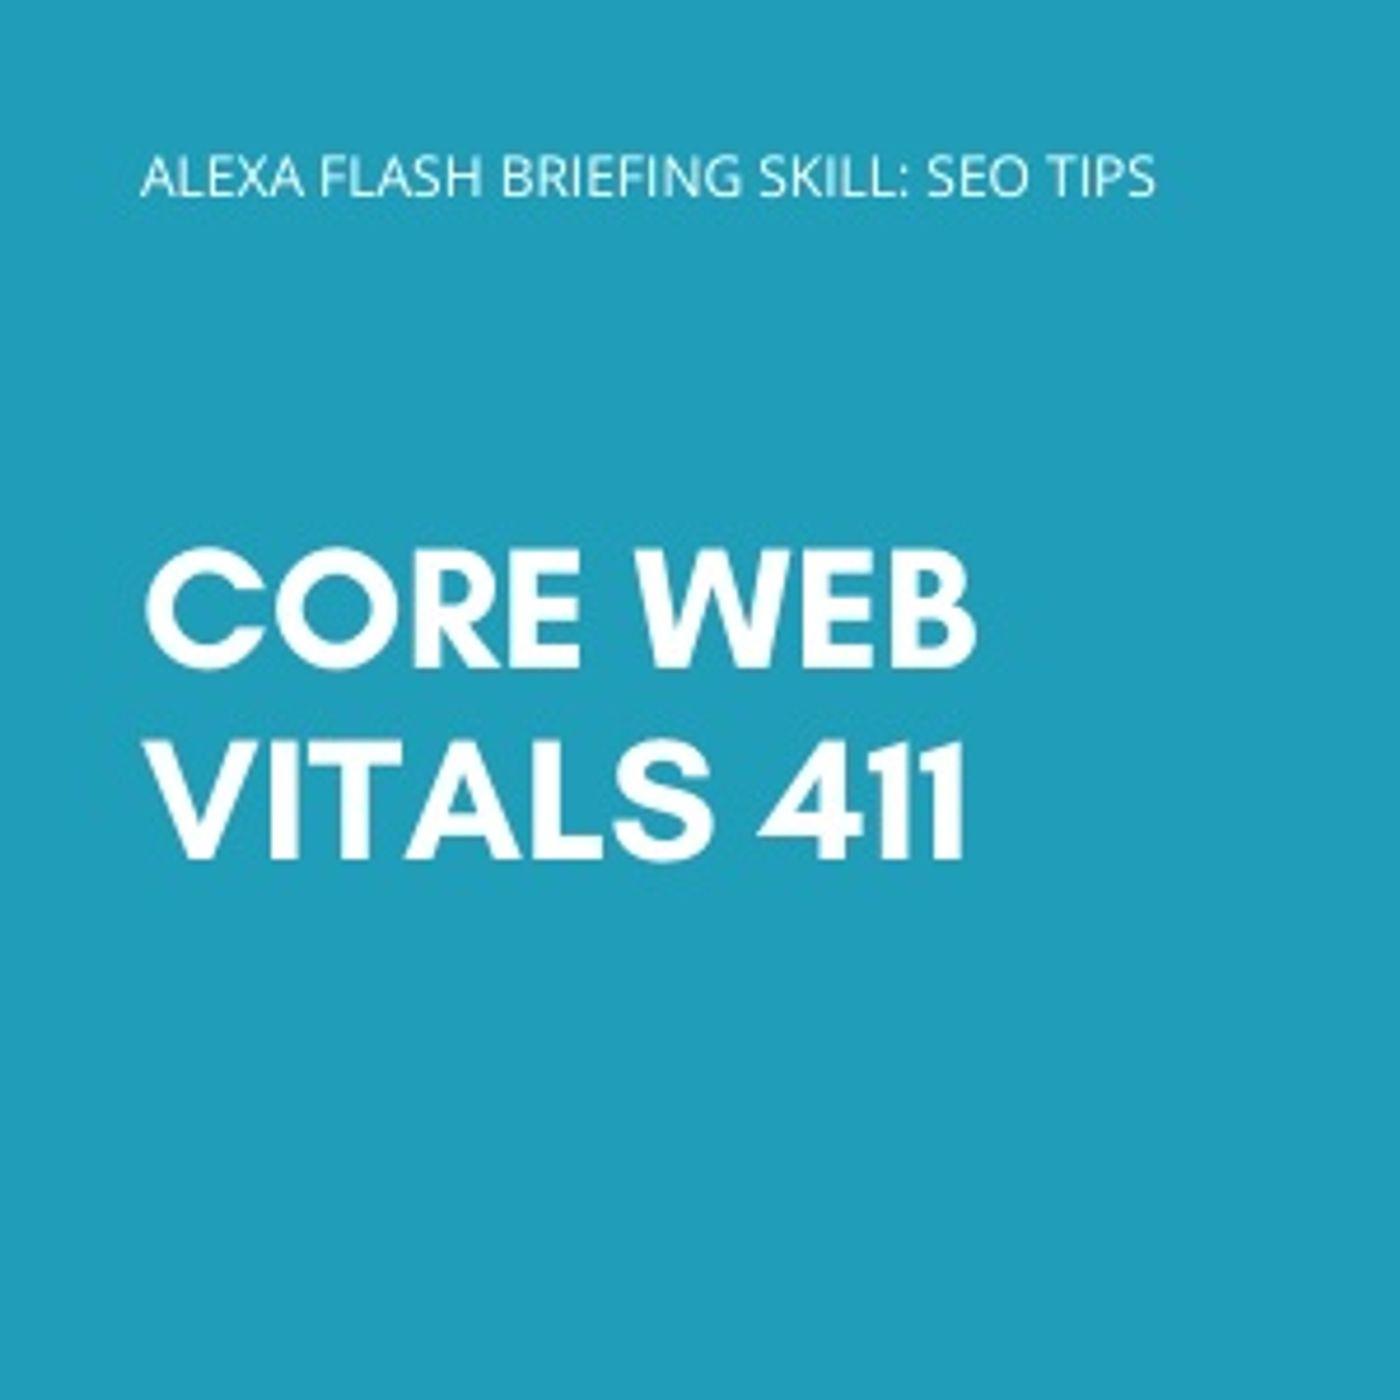 Core Web Vitals 411